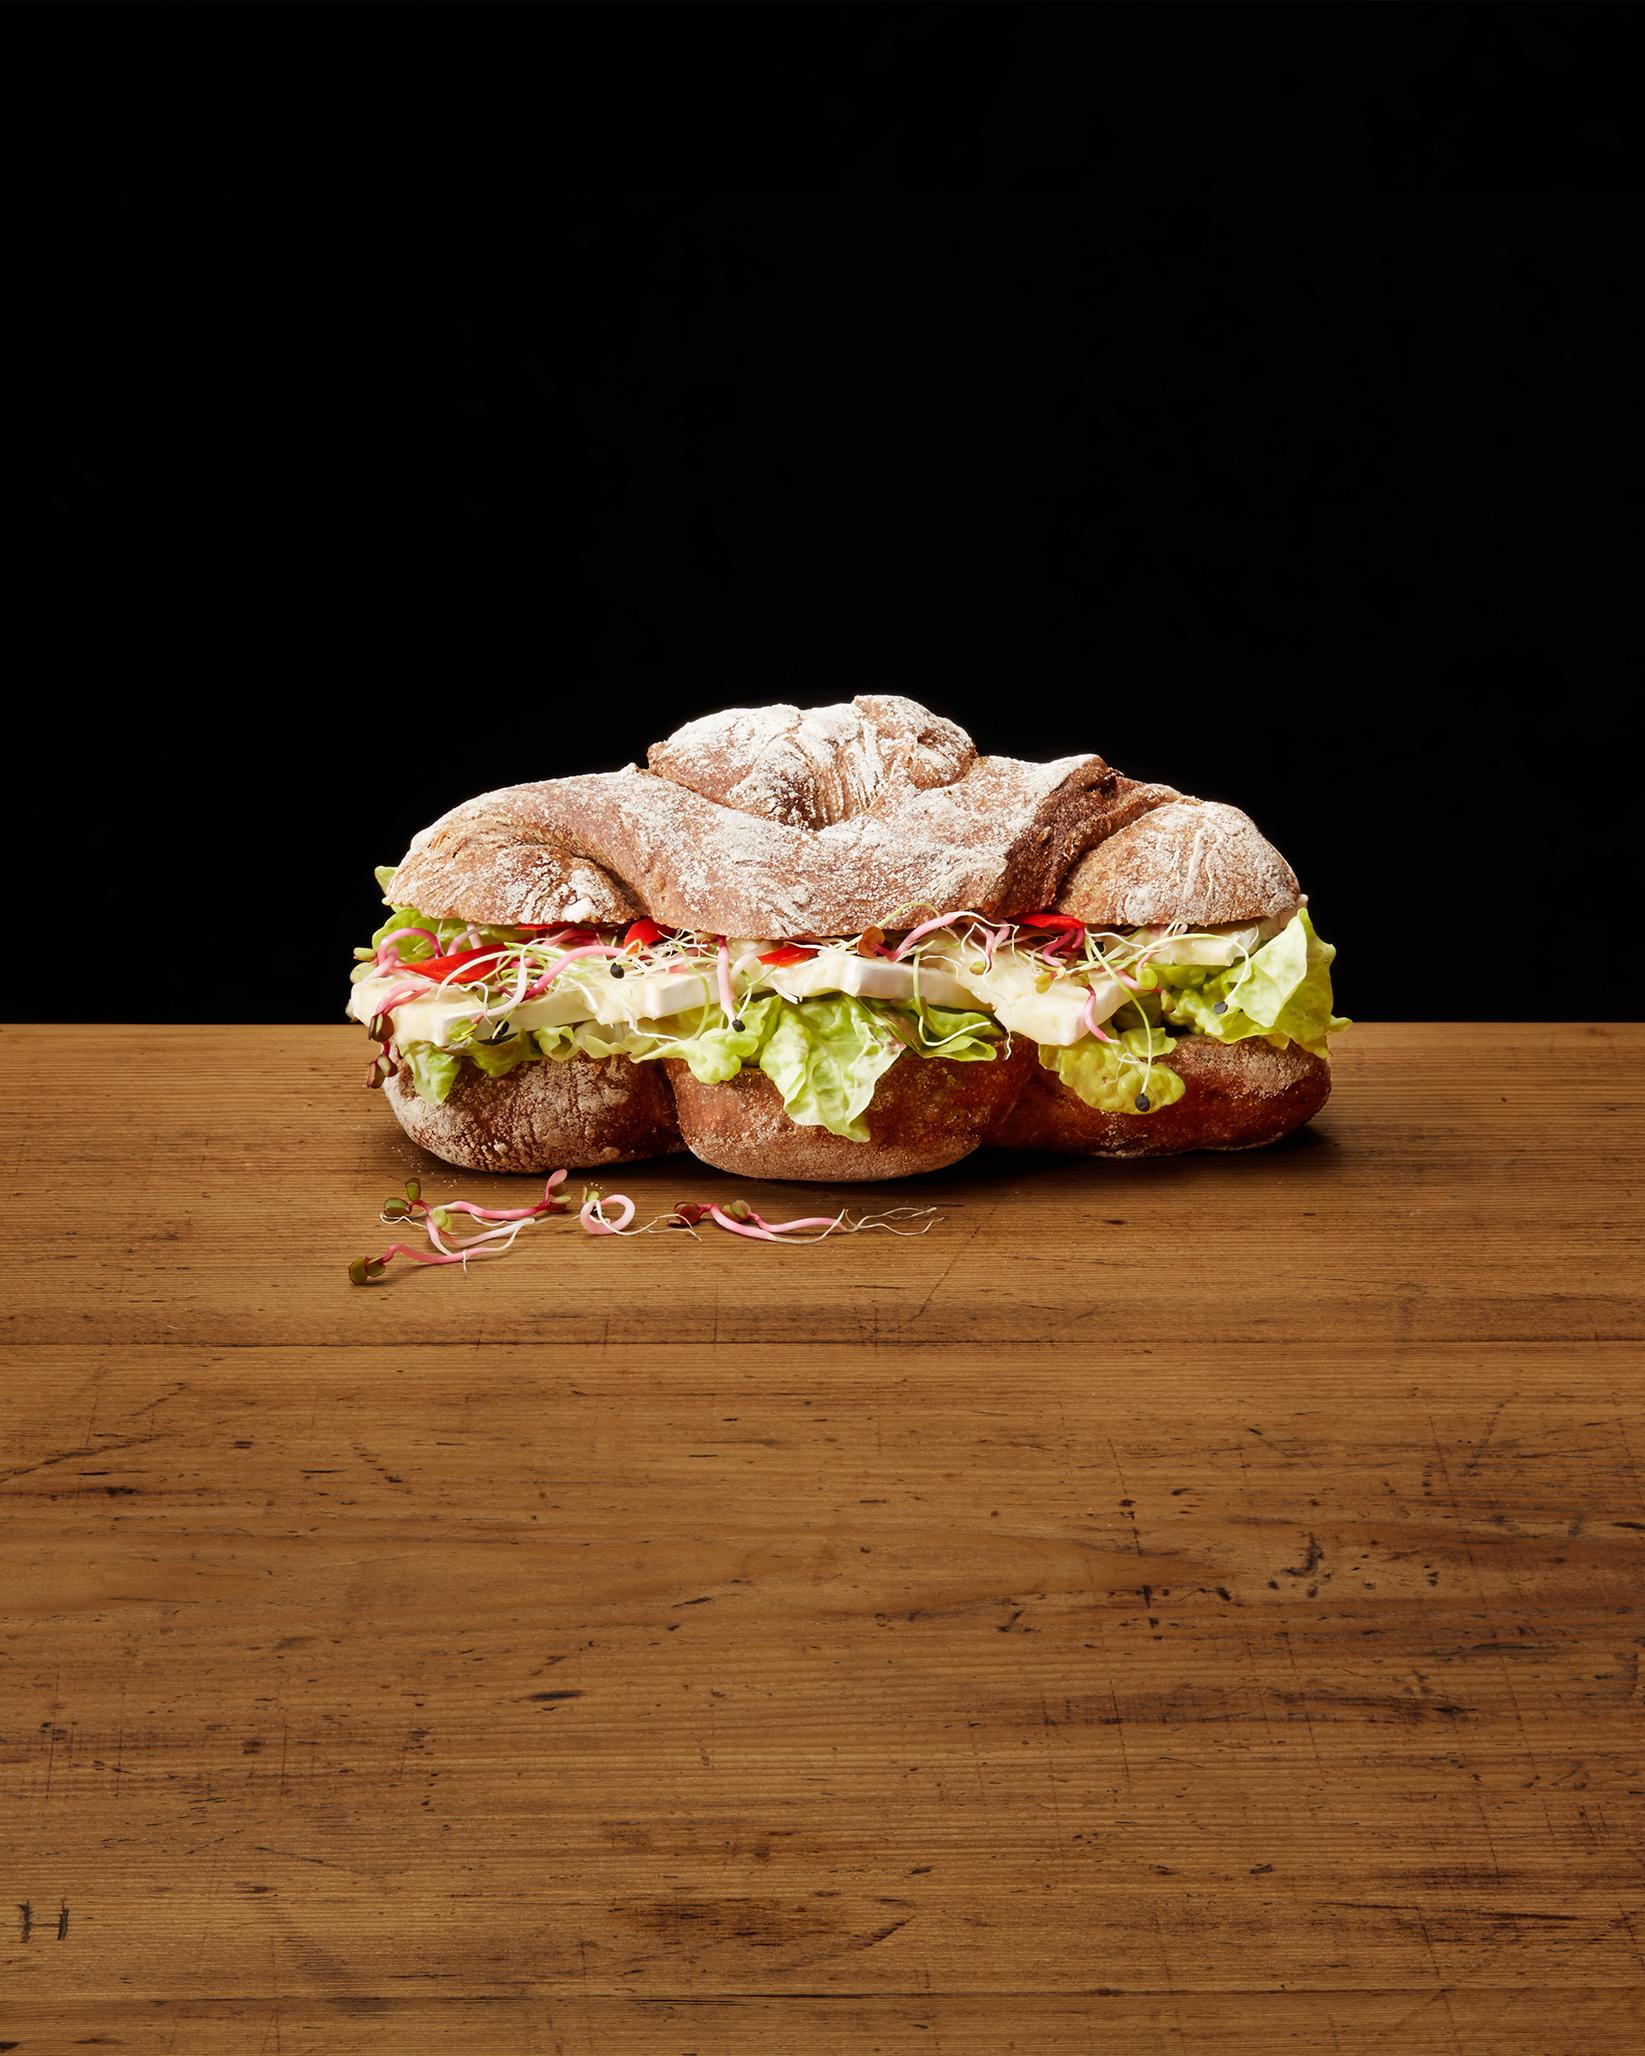 Sandwich mit Käse, Sprossen und Salat